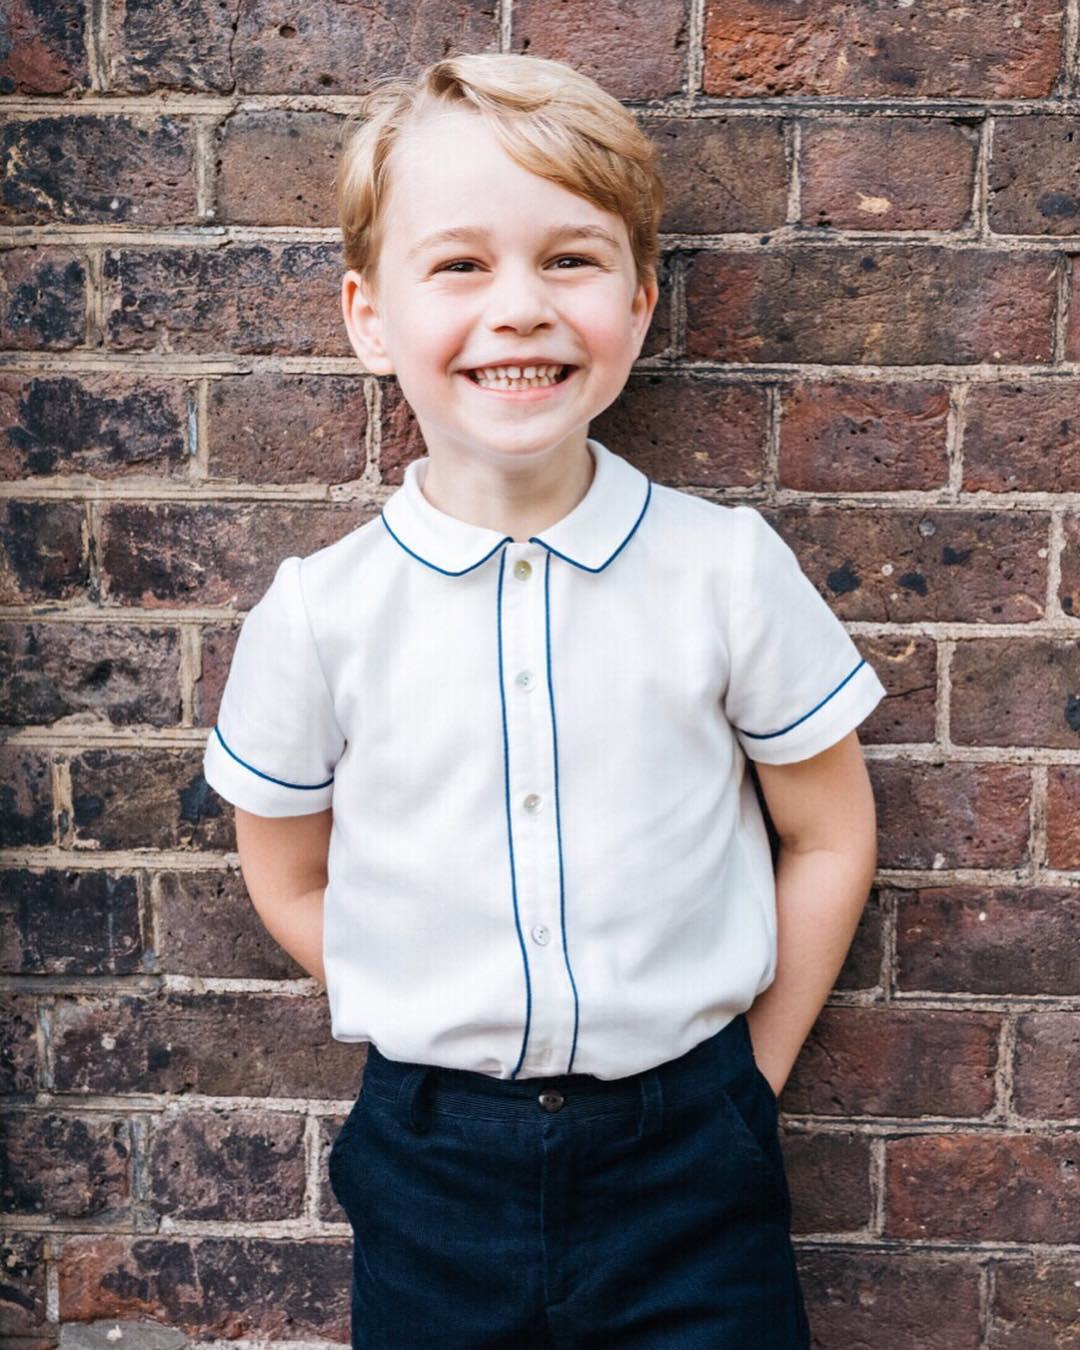 Детство закончилось: пятилетний сын Кейт Миддлтон и принца Уильяма готовится стать королем Британии